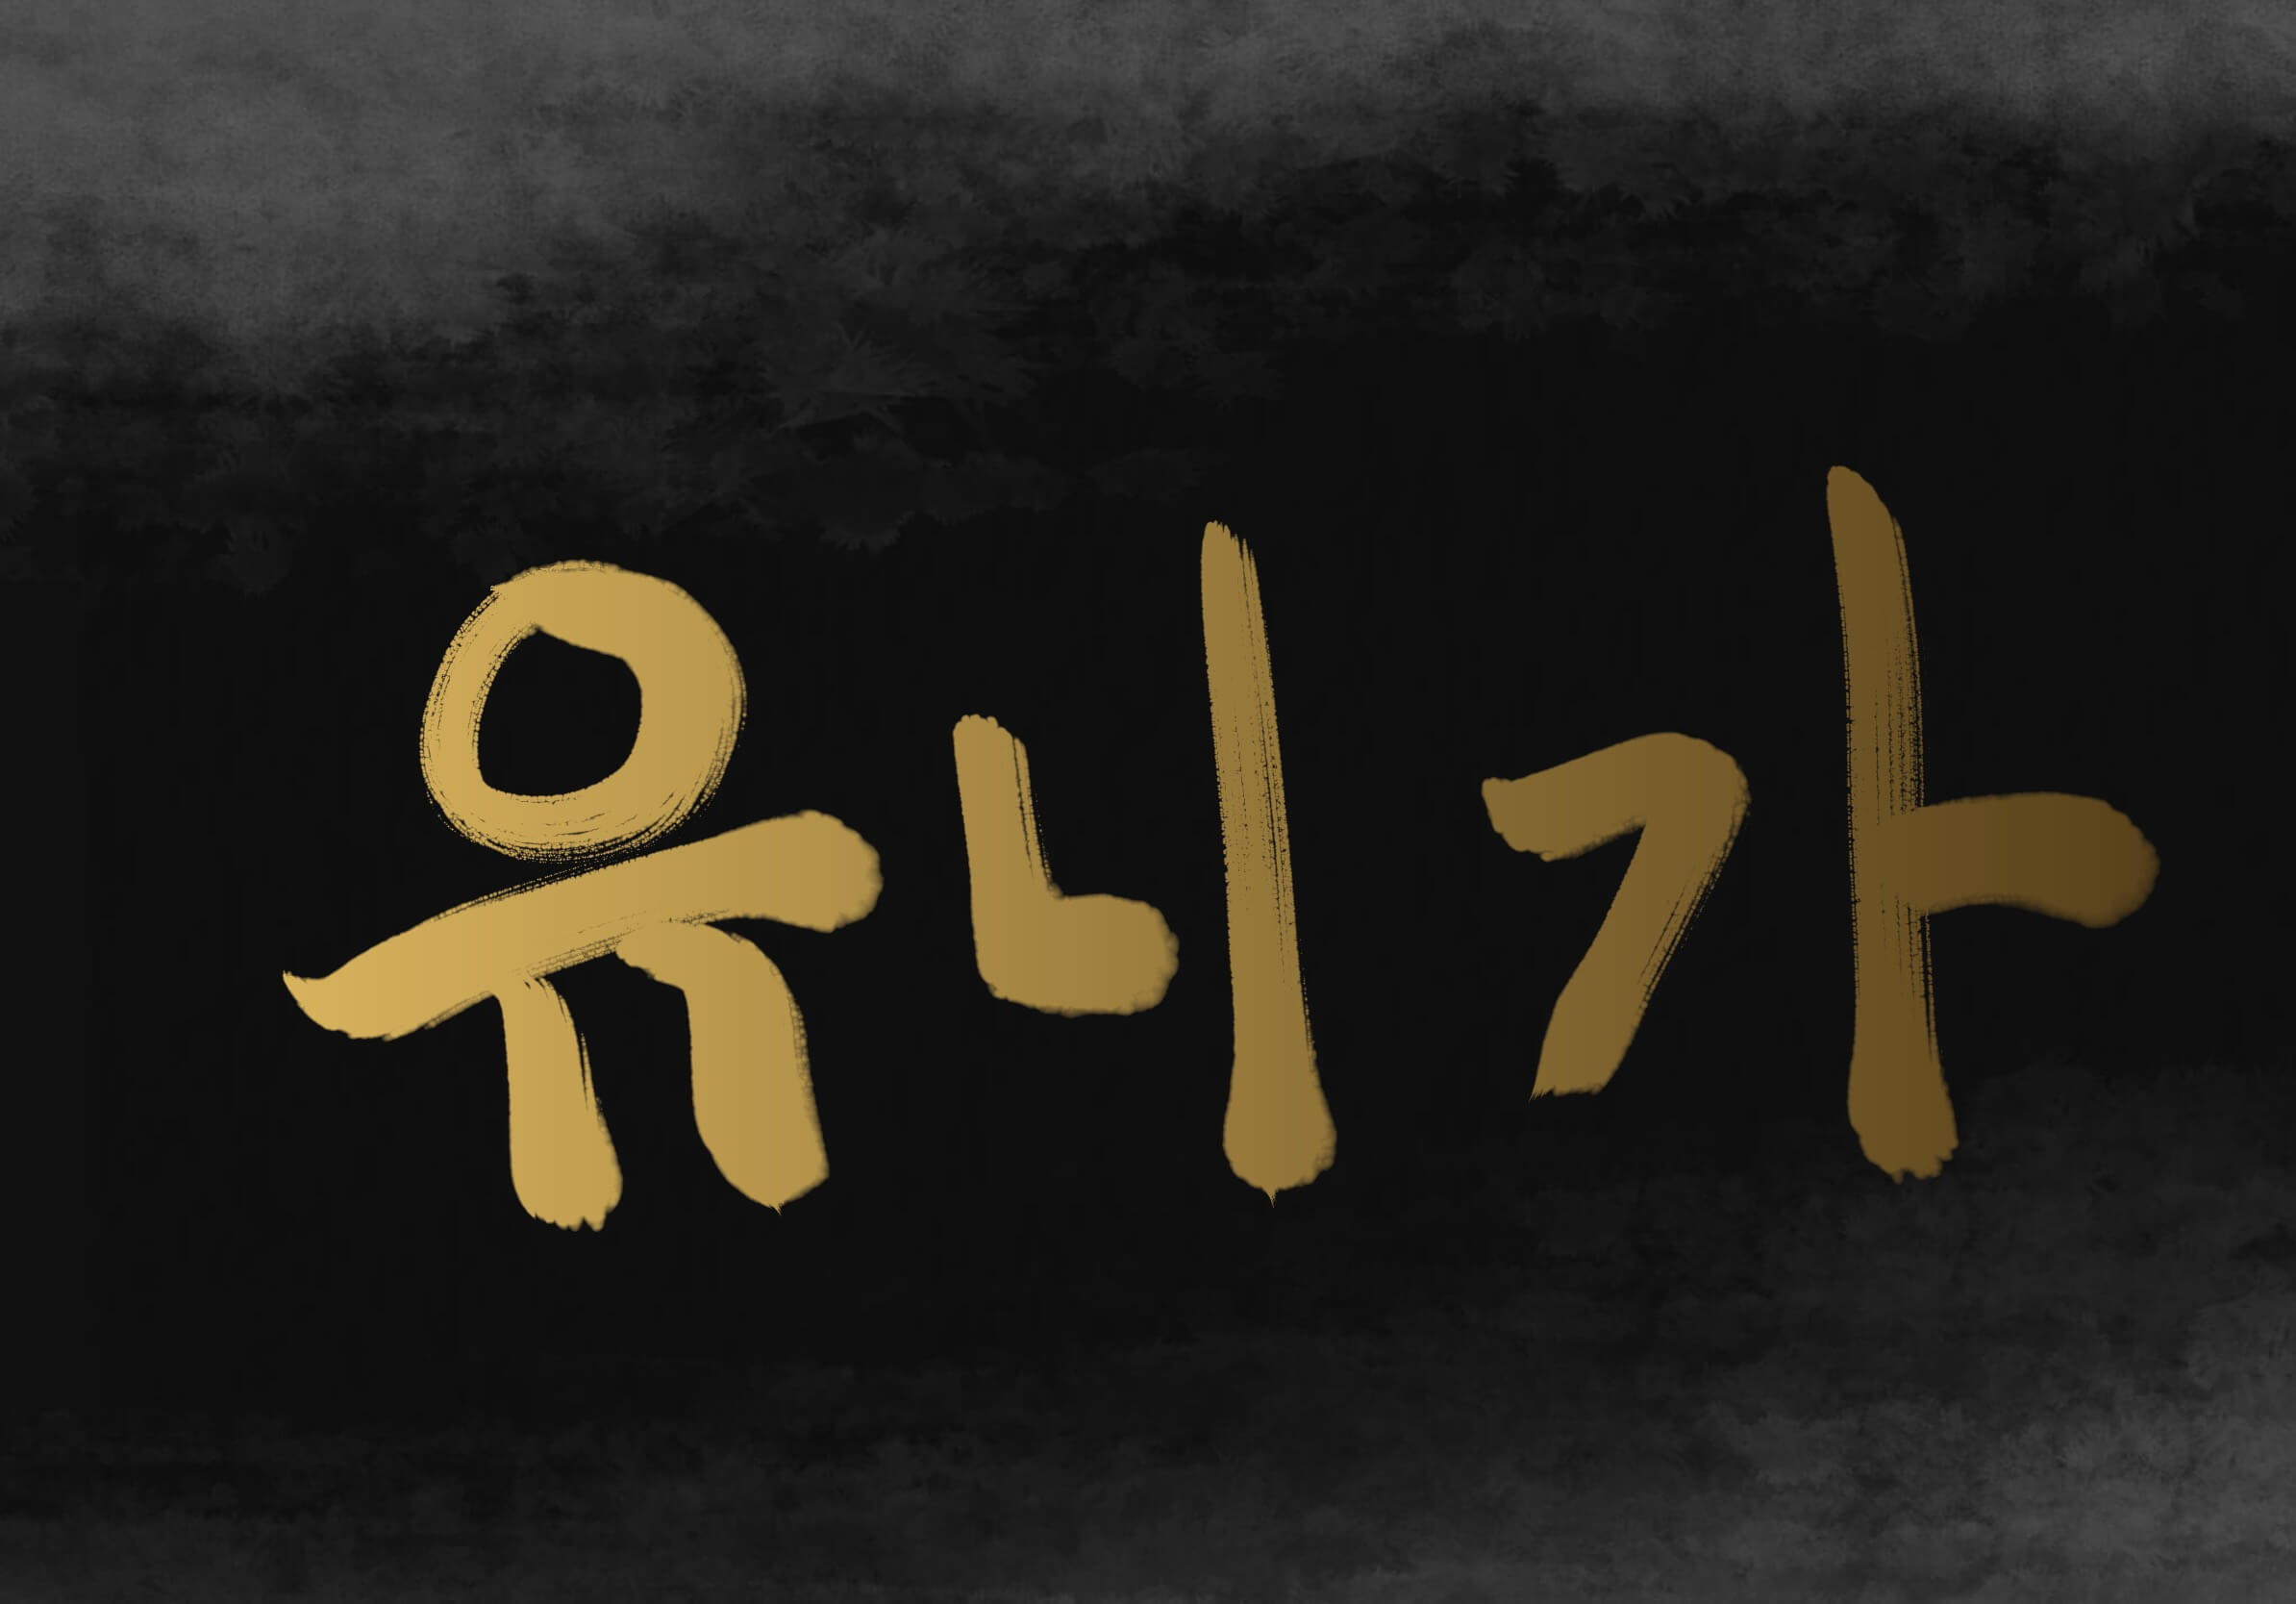 U;neeのGO 韓国語歌詞を和訳してみた。